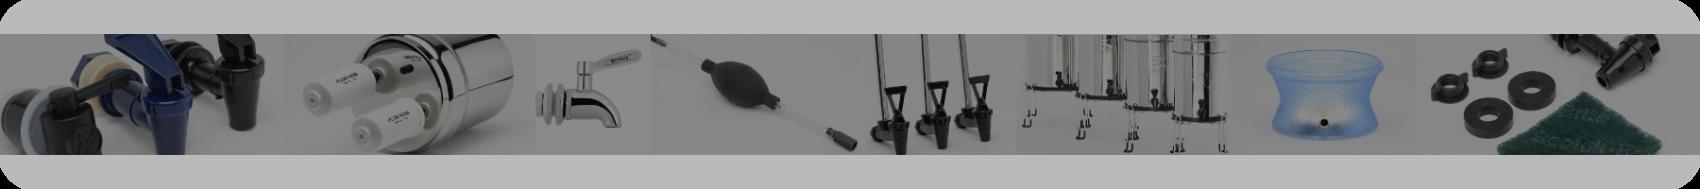 Accessoires et pièces détachées pour vos filtres Berkey®